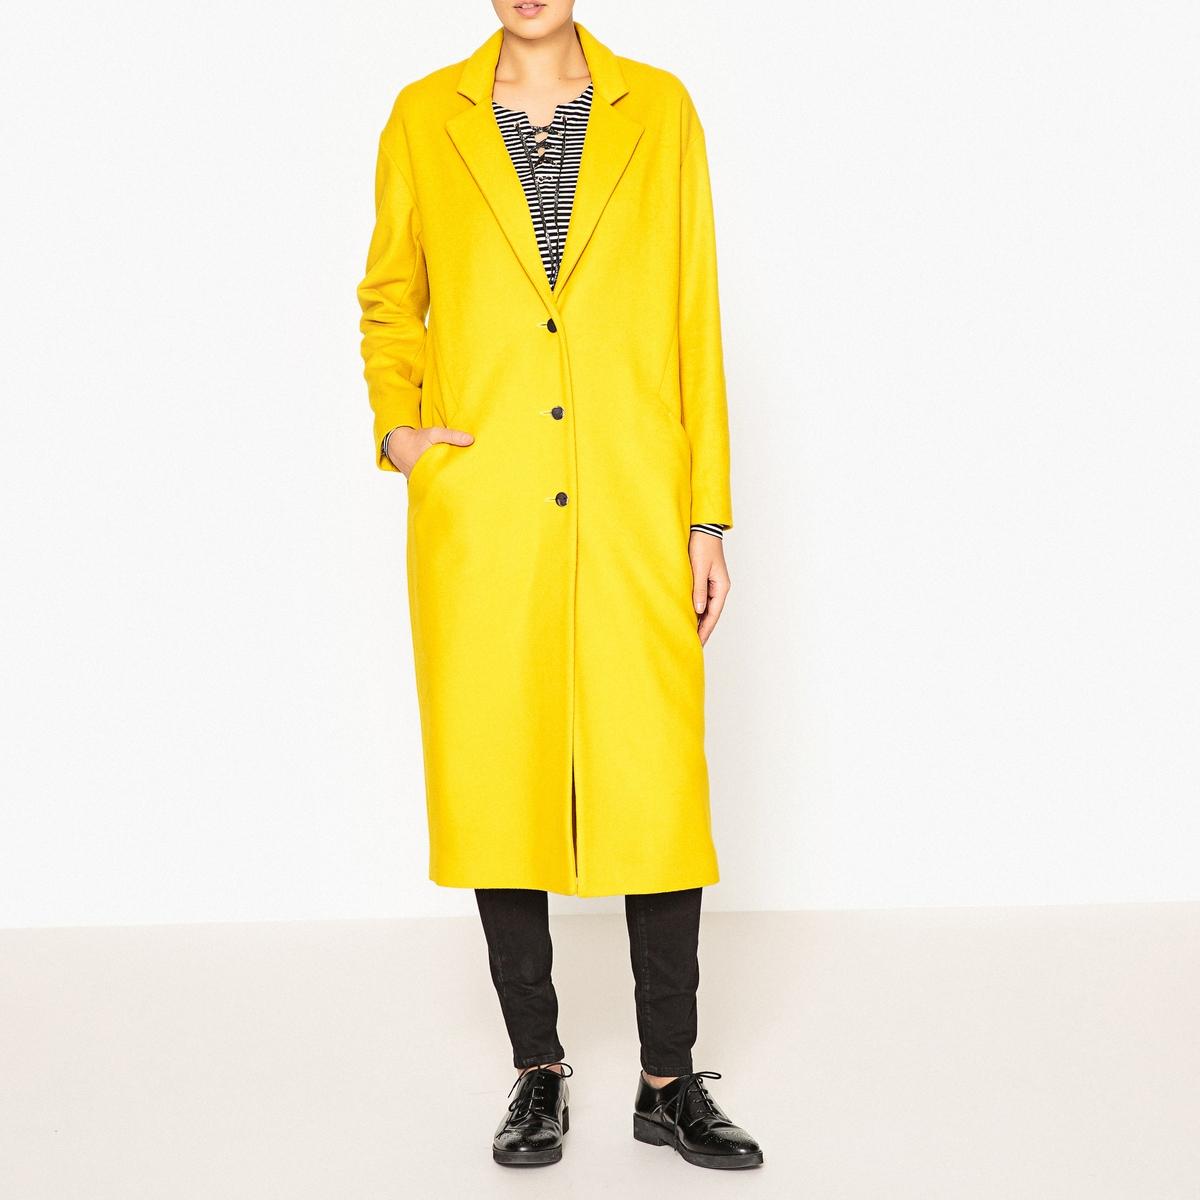 Пальто длинноеОчень длинное пальто IKKS - с разрезами по бокам, карманами и золотистыми пуговицами.Детали •  Длина : удлиненная модель •  Шалевый воротник • Застежка на пуговицыСостав и уход •  100% шерсть •  Наполнитель : 40% вискозы, 60% полиэстера •  Следуйте советам по уходу, указанным на этикетке •  Шлица сзади •  Длина 117 см<br><br>Цвет: желтый